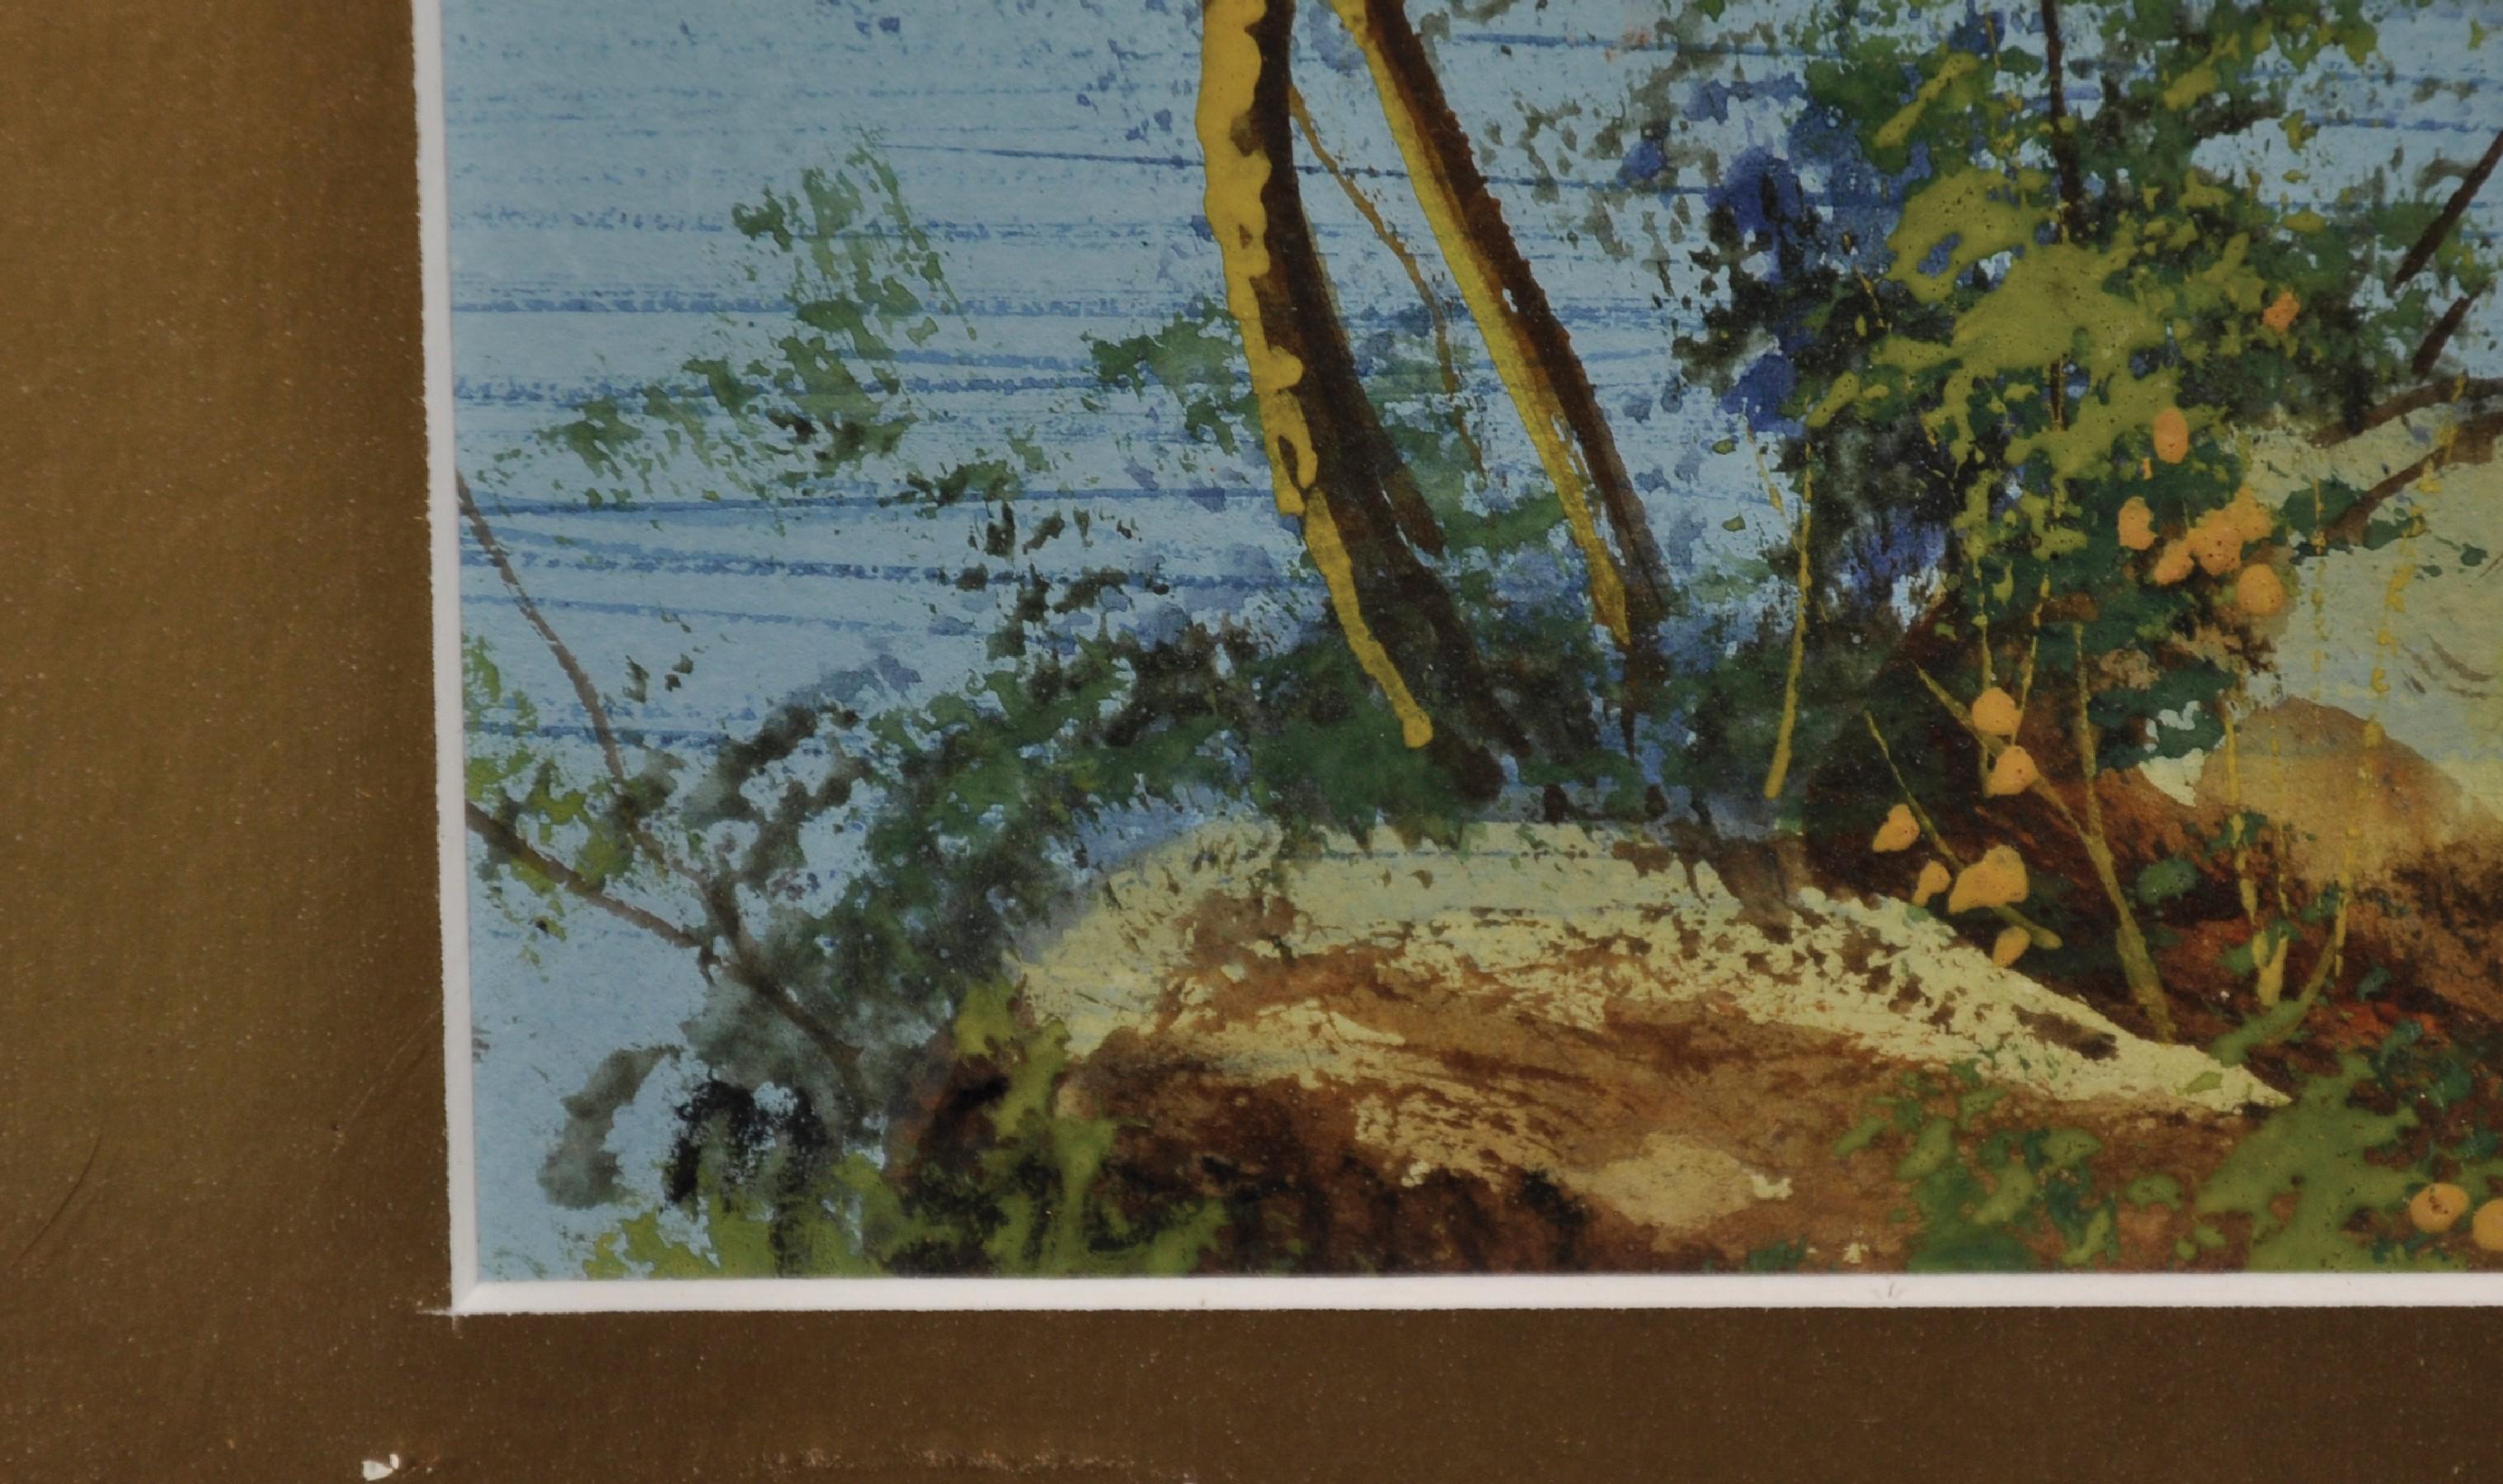 """Maria Gianni (1873-1956) Italian. A Coastal Scene, Watercolour, Signed, 6.25"""" x 12.25"""". - Image 3 of 4"""